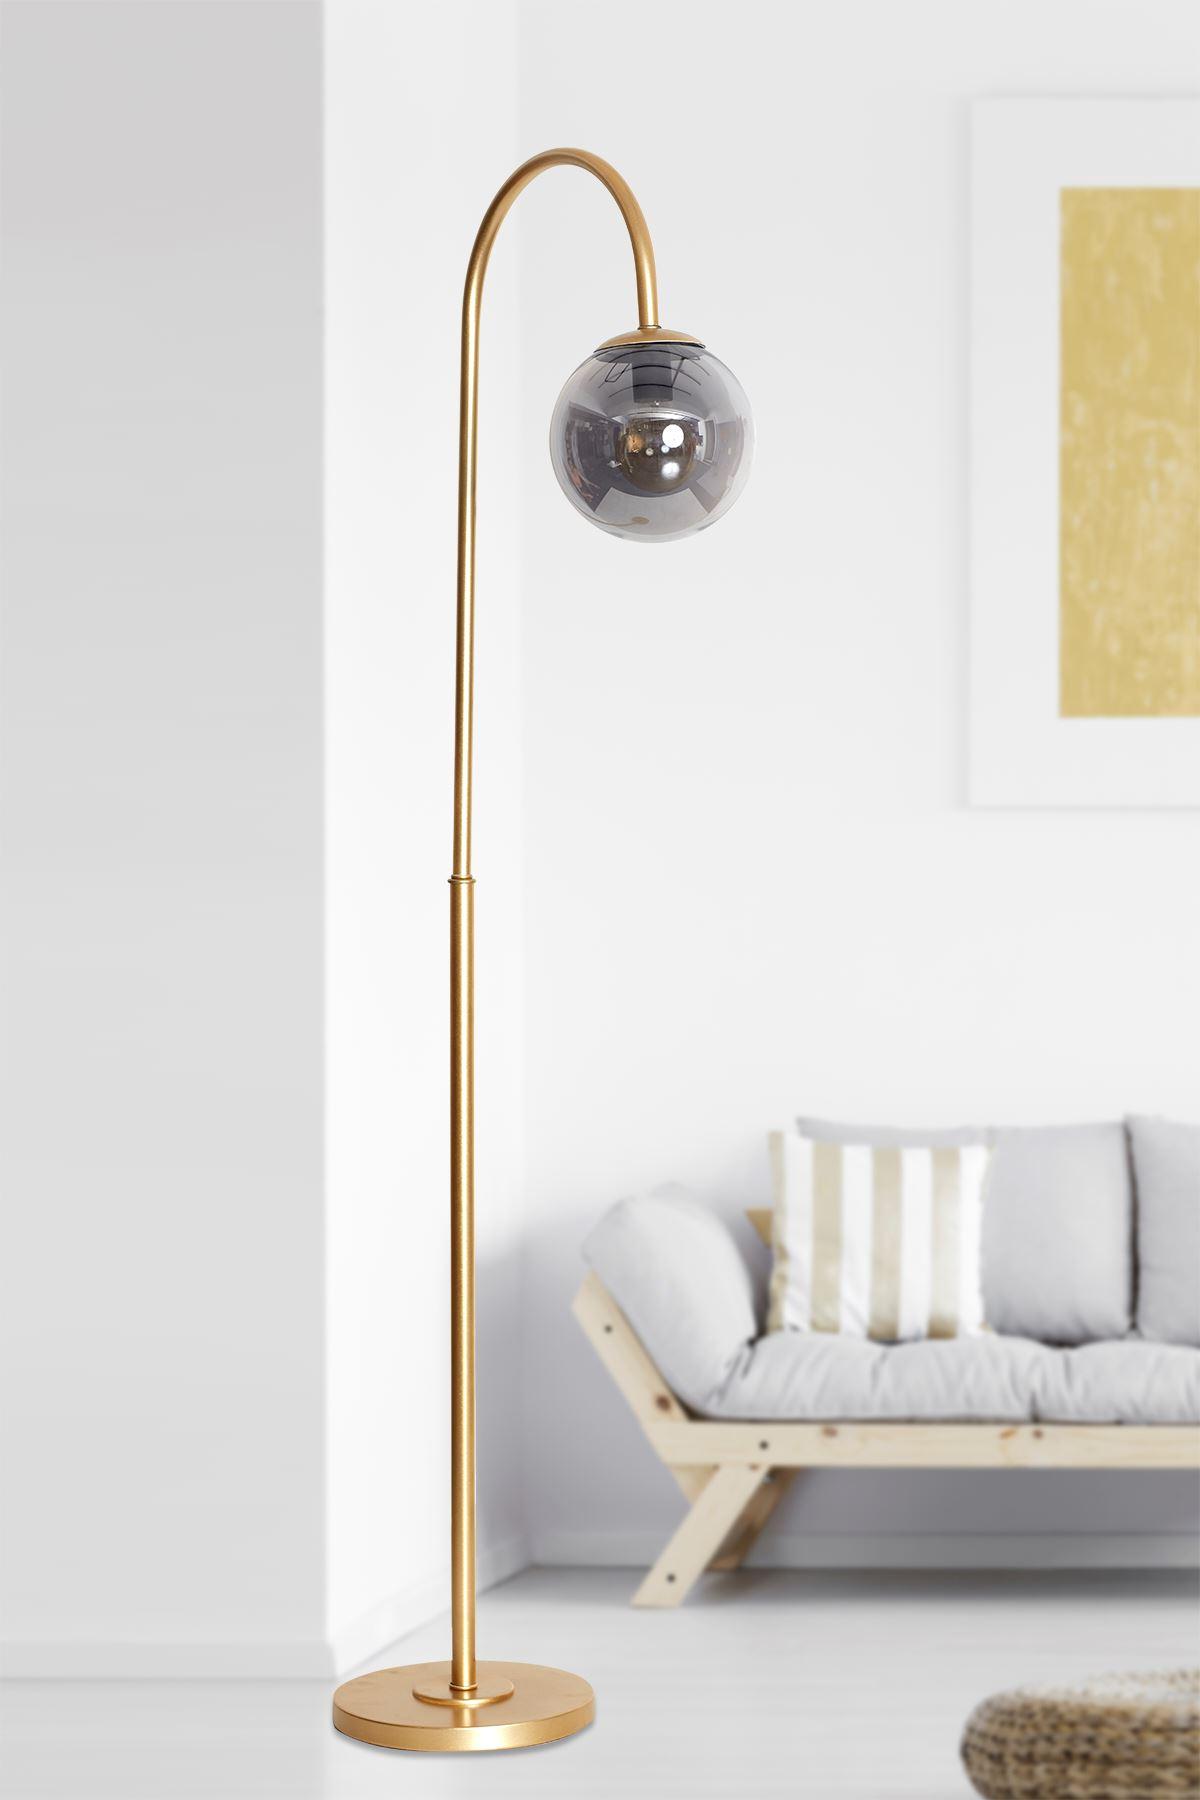 Amor Sarı Metal Gövde Füme Camlı Tasarım Lüx Yerden Aydınlatma Lambader